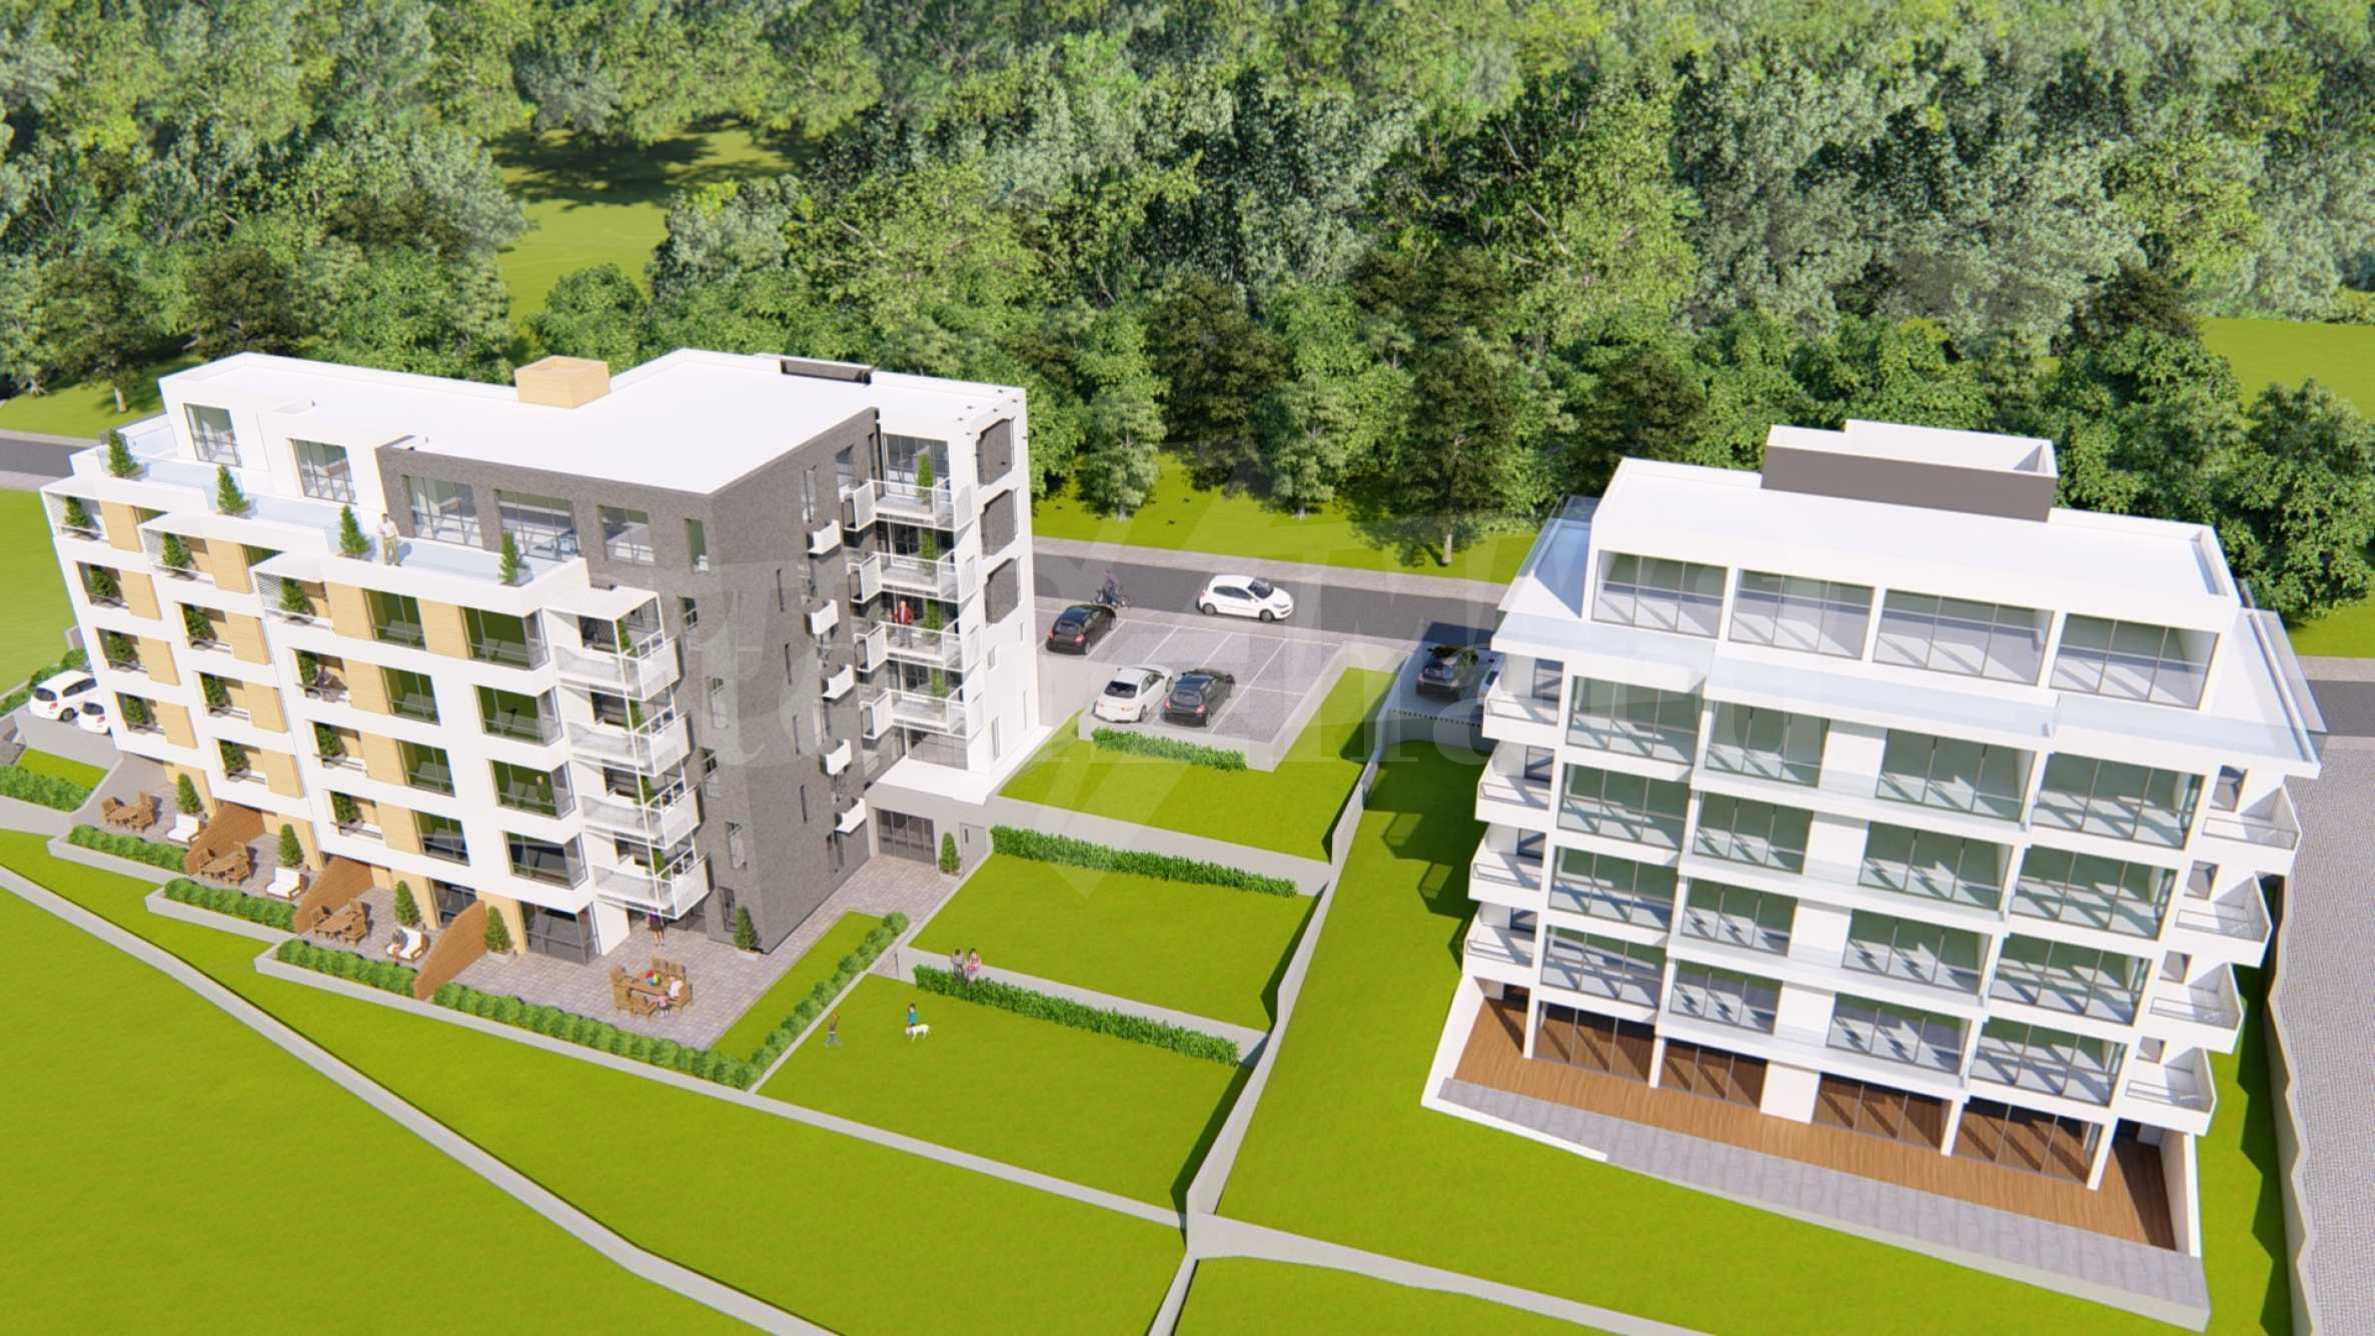 Панорамни апартаменти в нова сграда в кв. Бриз, гр. Варна1 - Stonehard